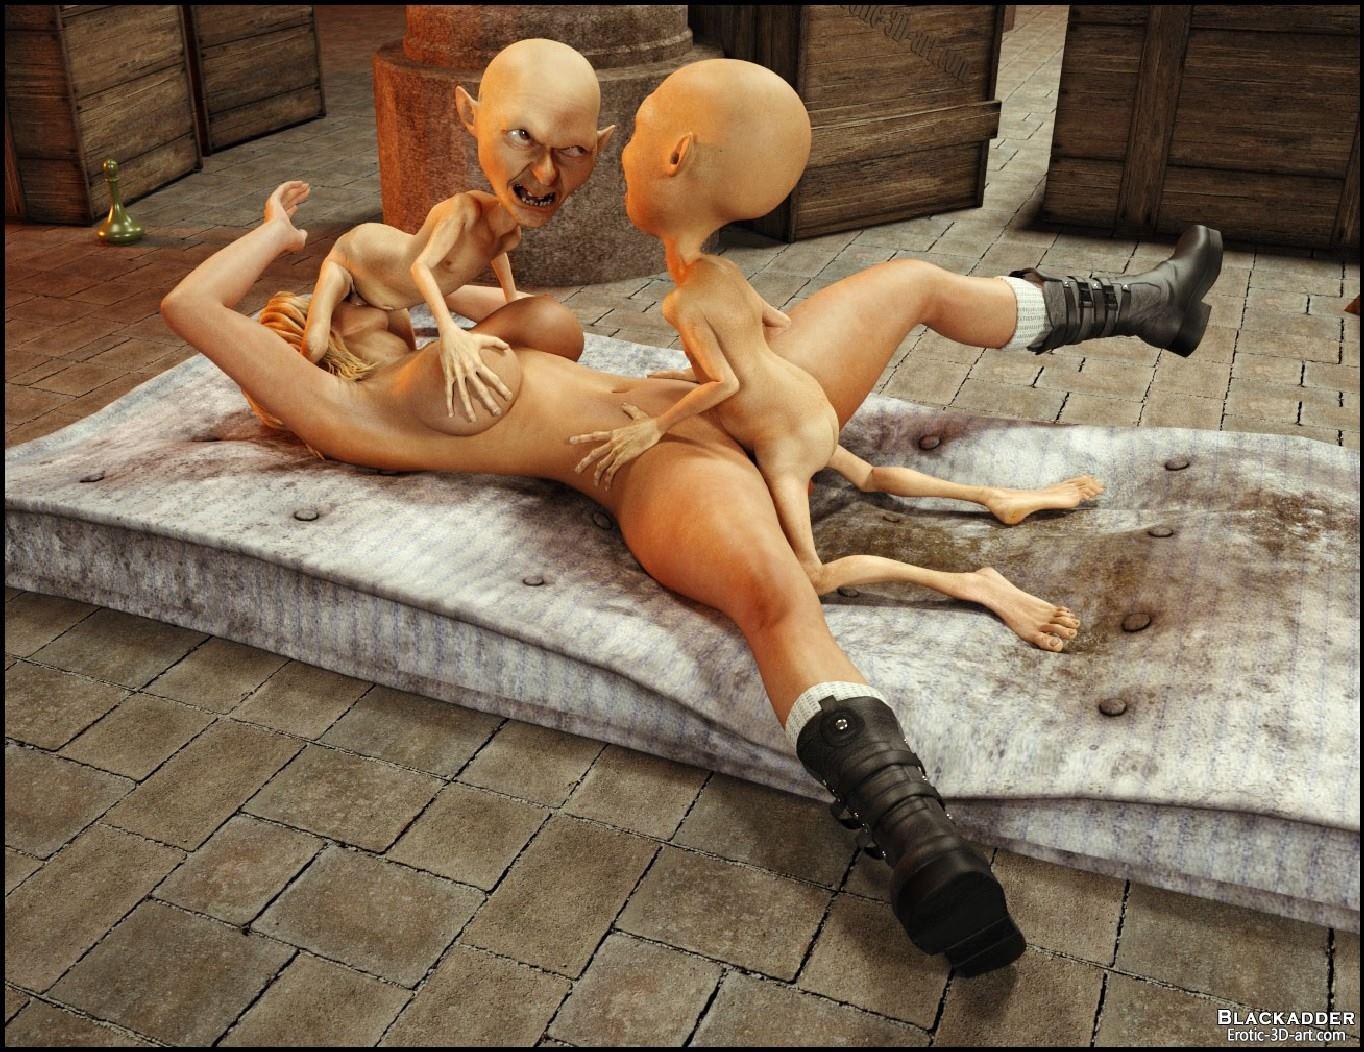 Смотреть онлайн порнуху с монстрами, Секс мульт с монстрами - смотреть порно с тегом Секс 7 фотография